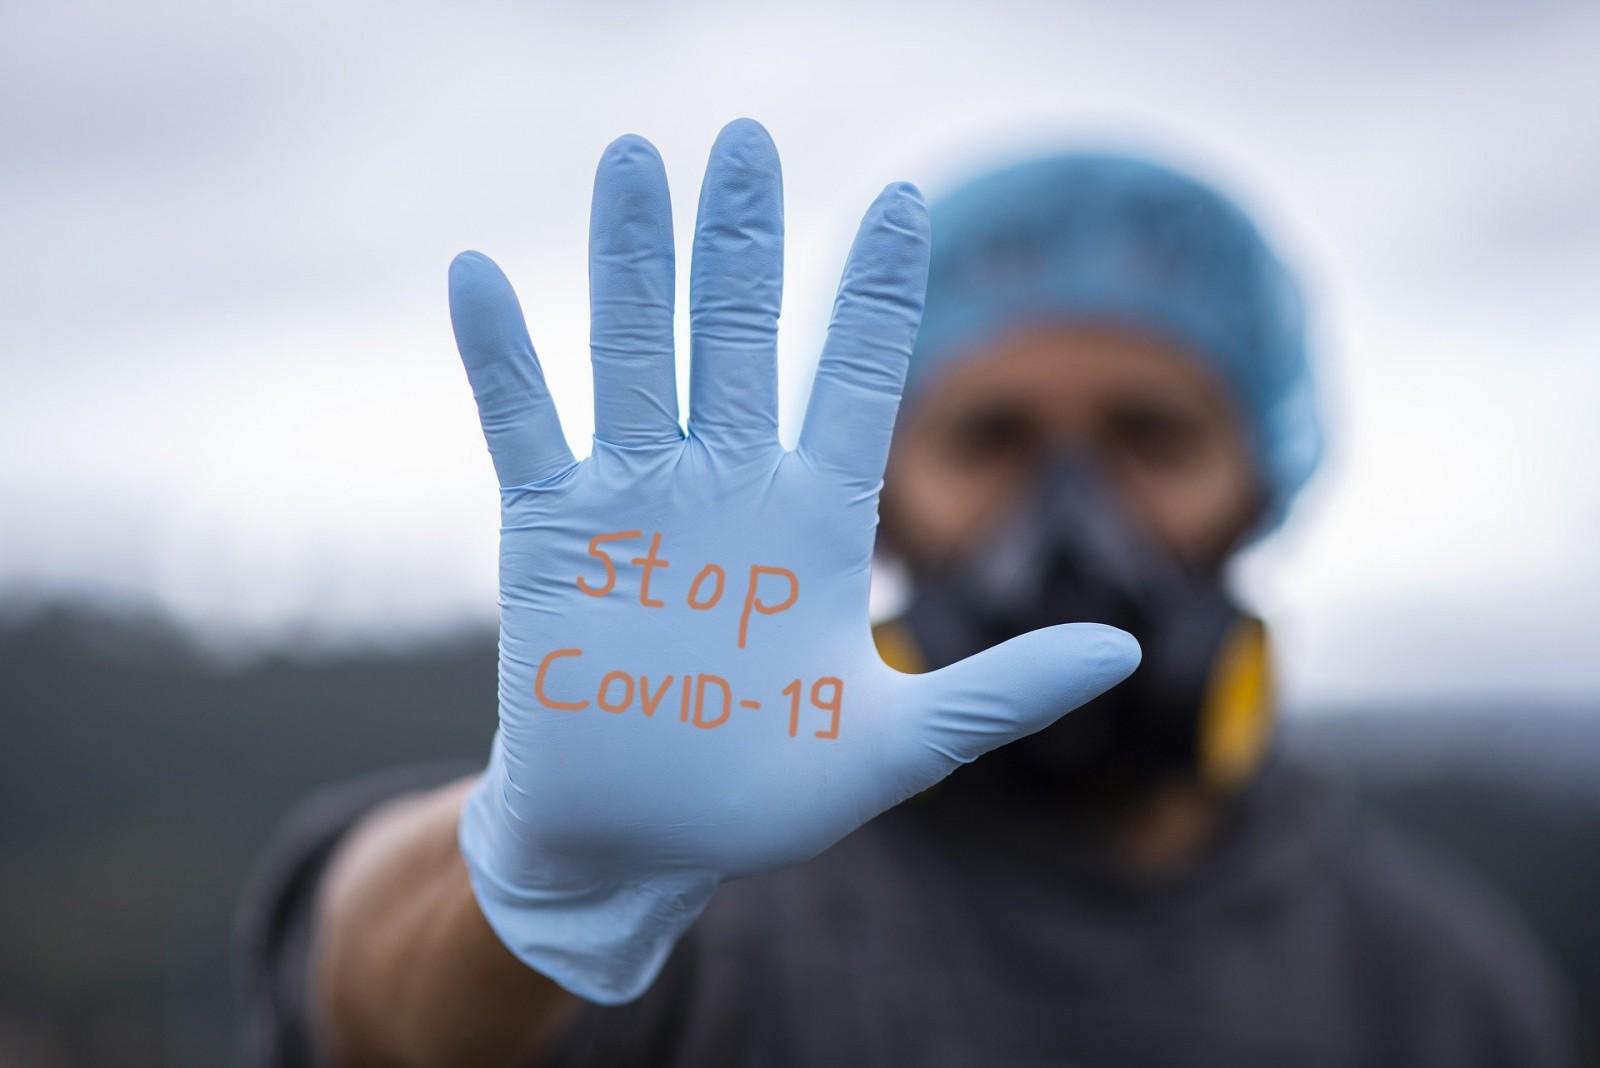 В регионе наблюдается снижение темпов заболеваемости по коронавирусу